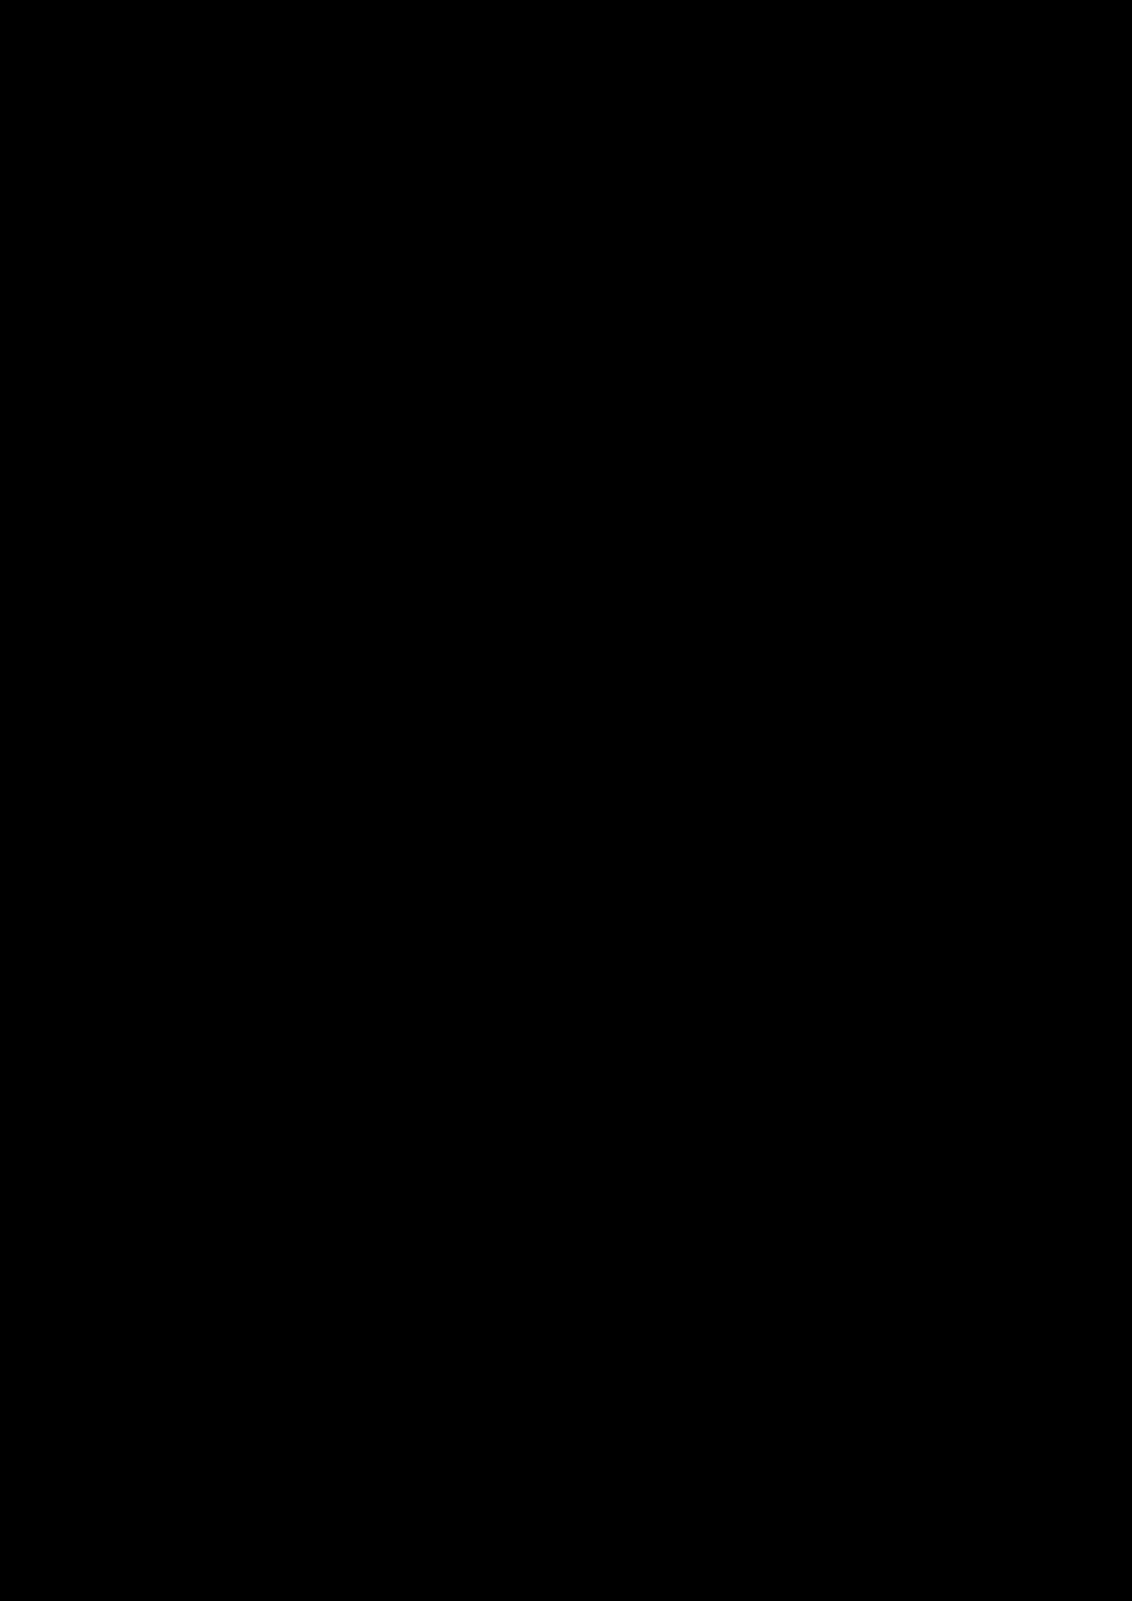 Serdtse slide, Image 9